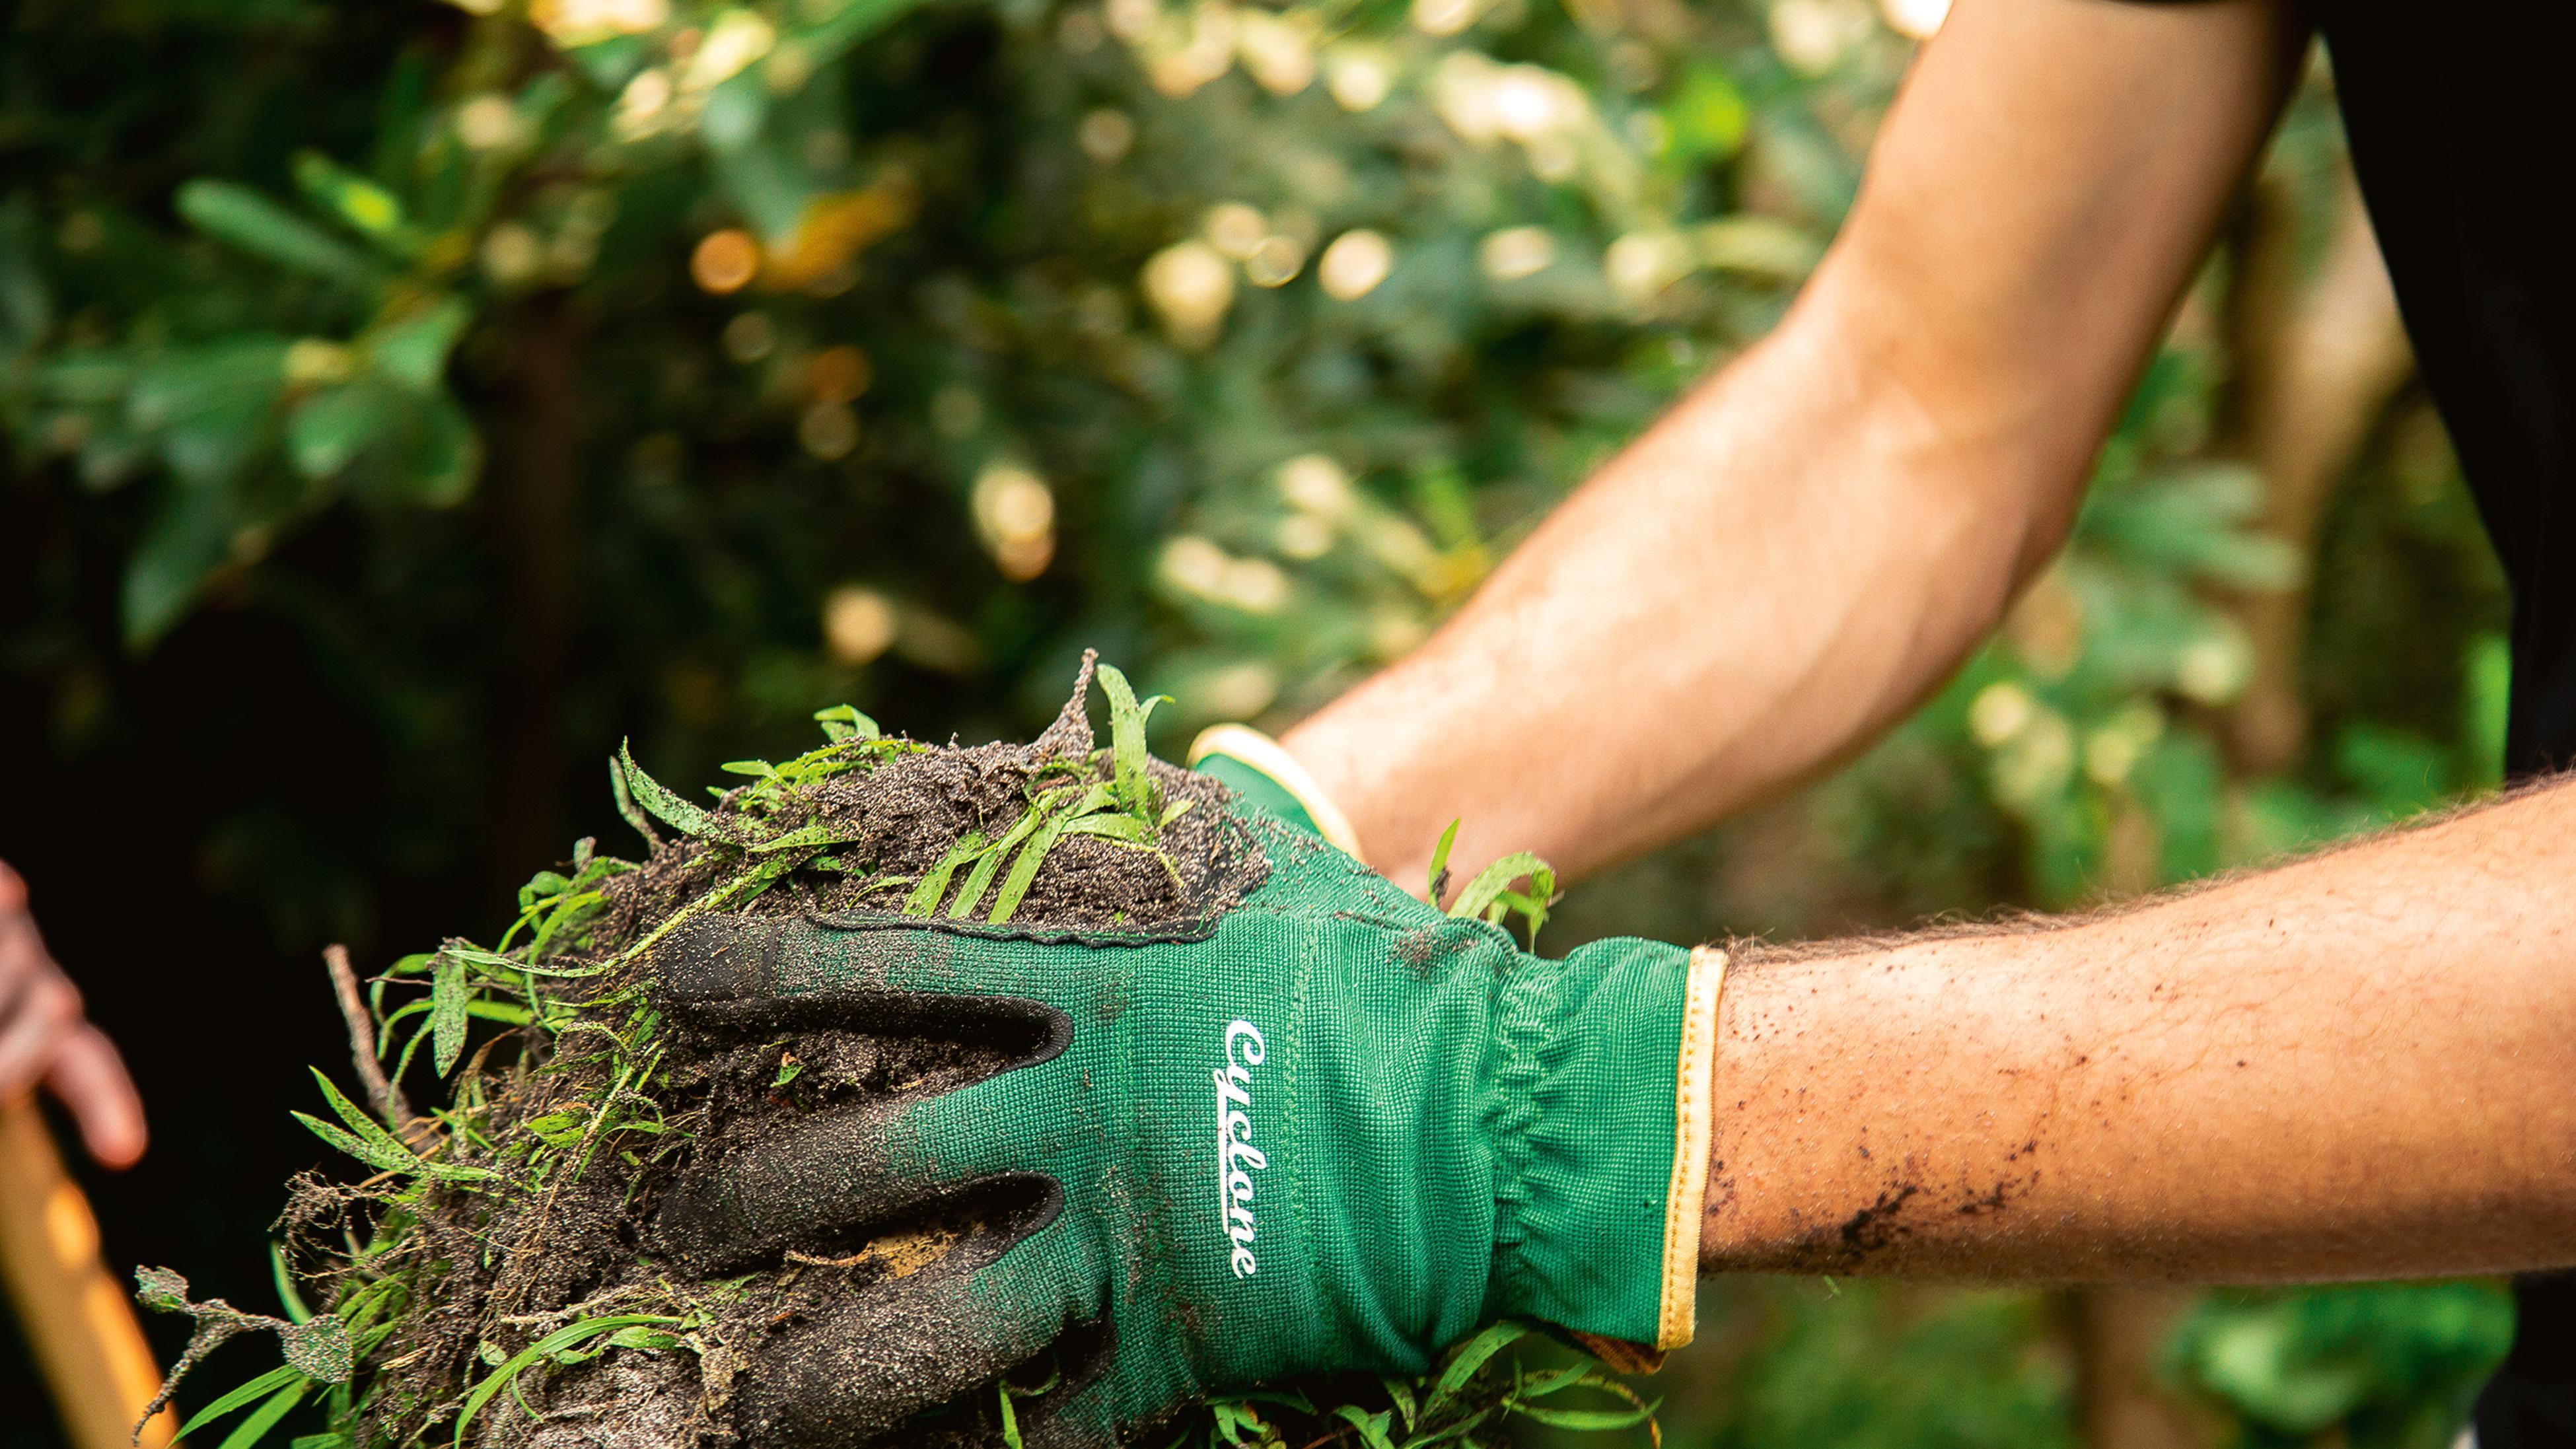 A person wears garden gloves to move garden scraps